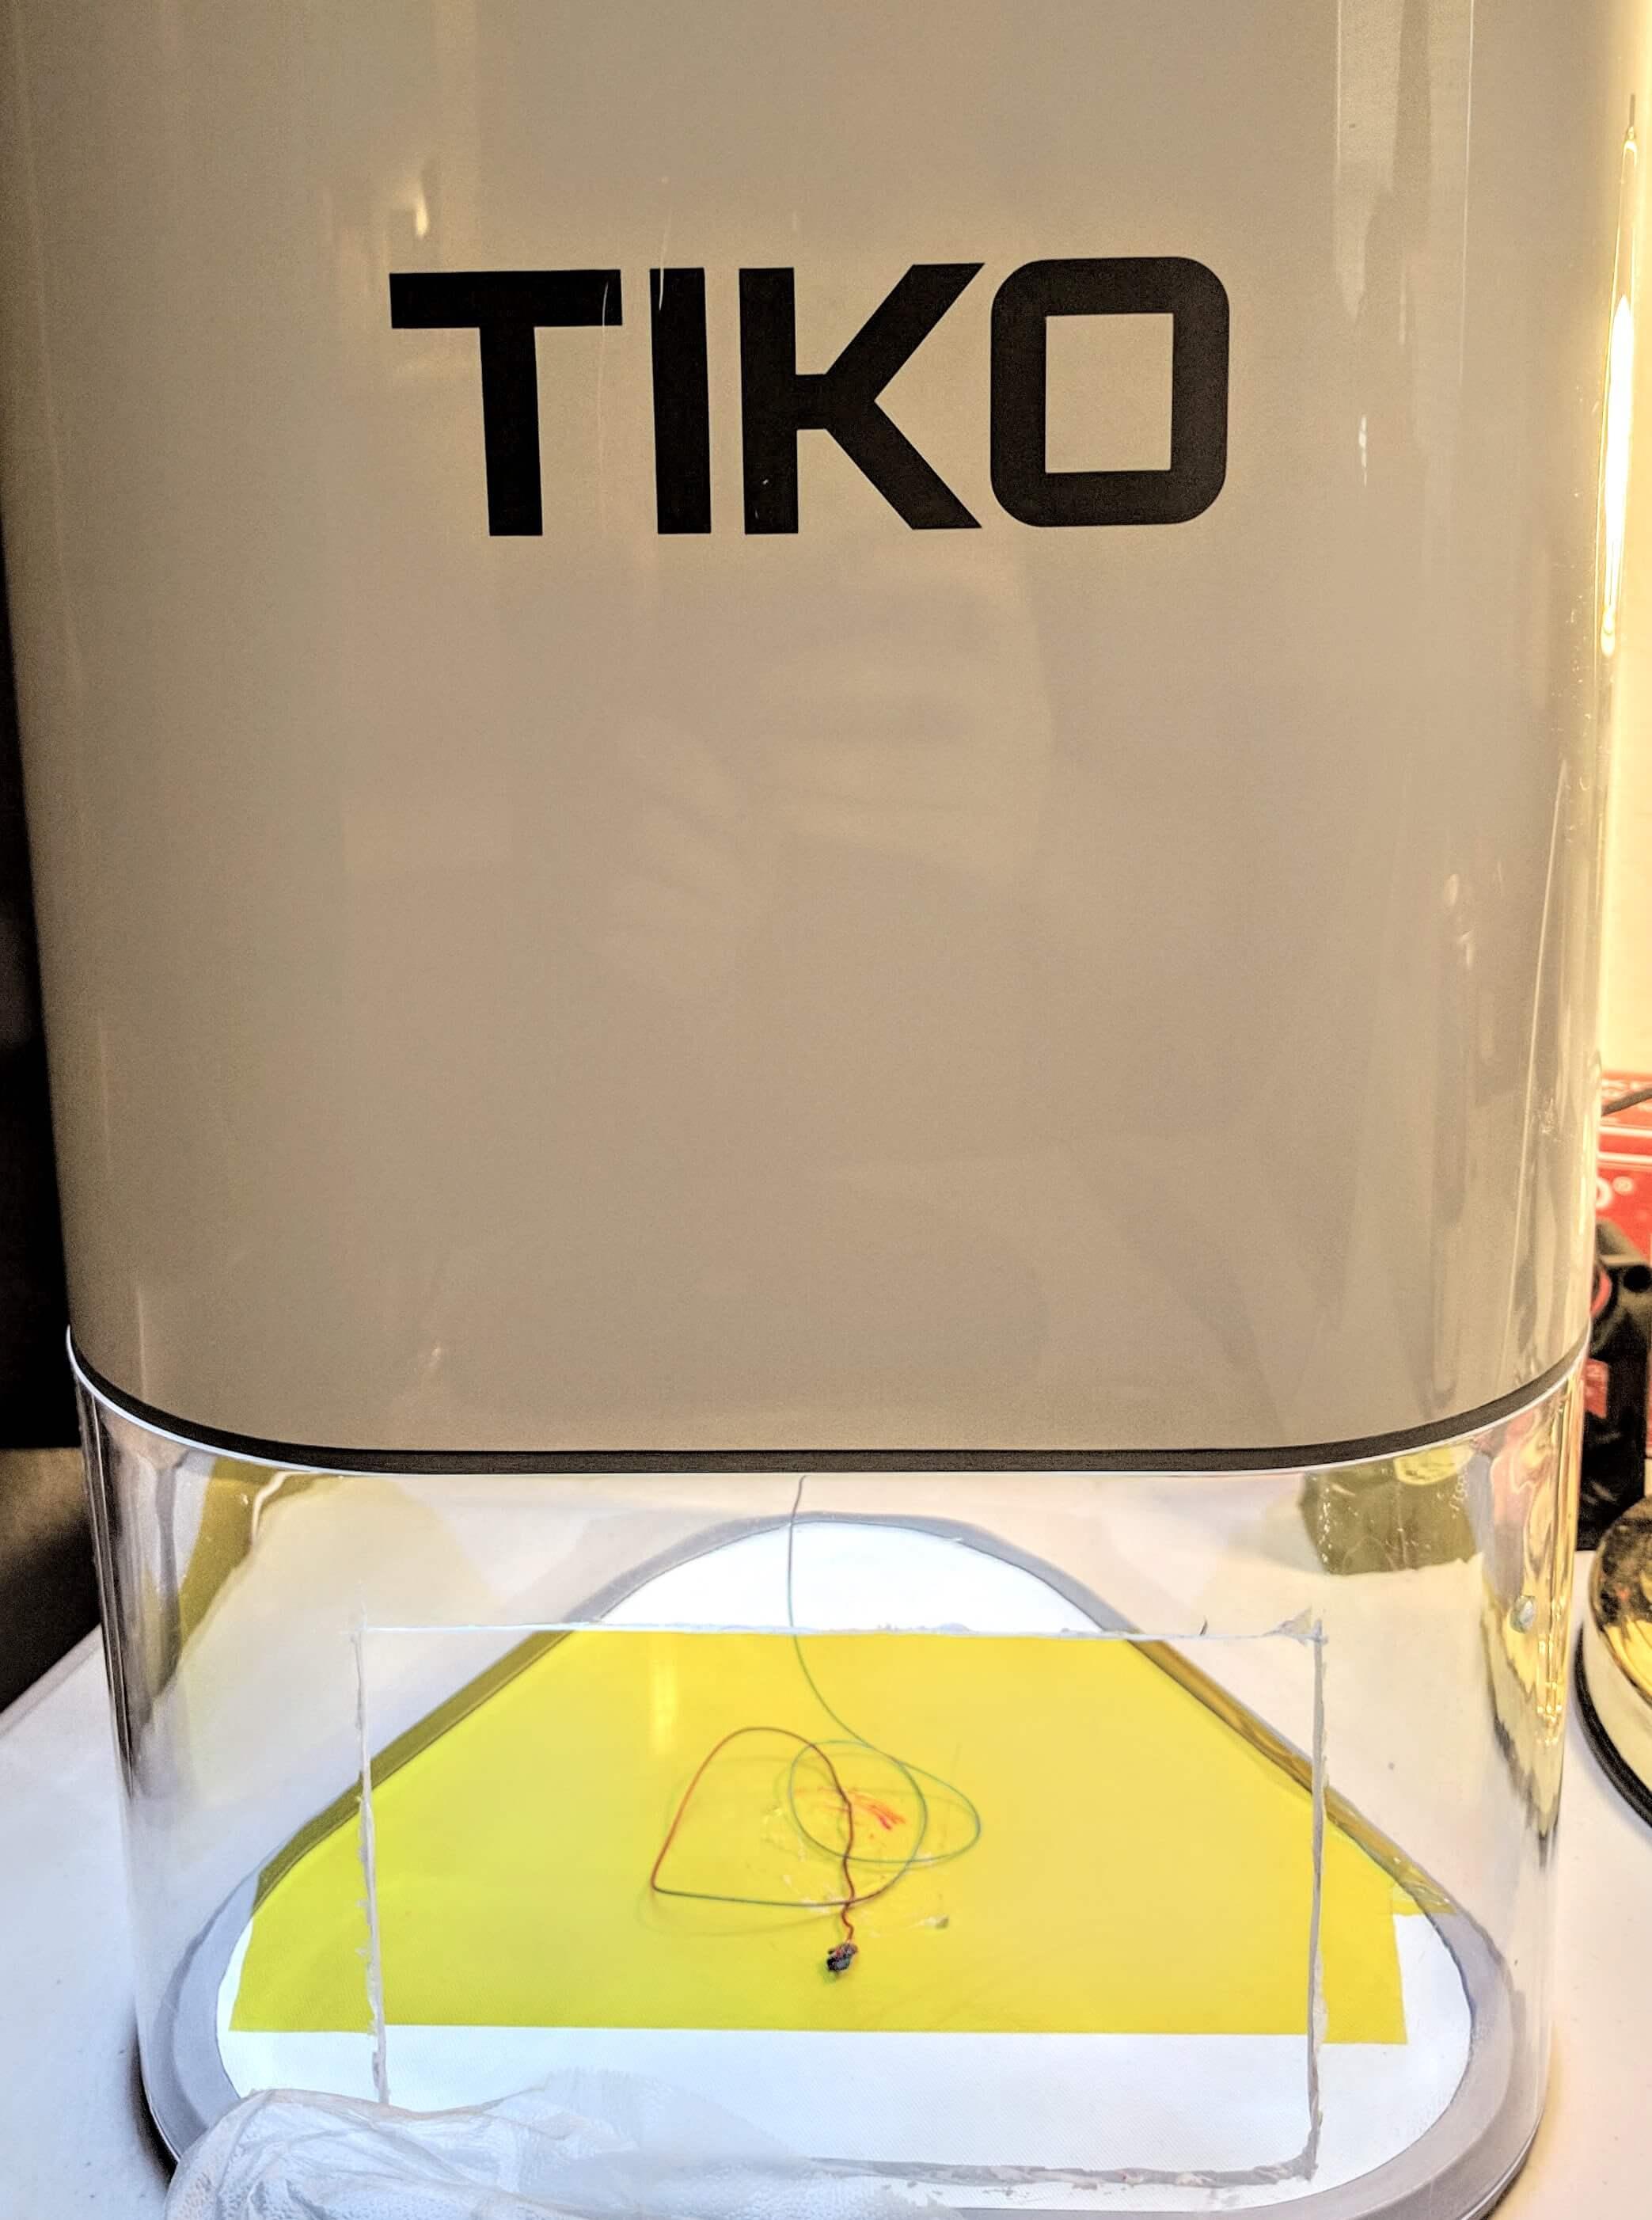 tiko-modified-body